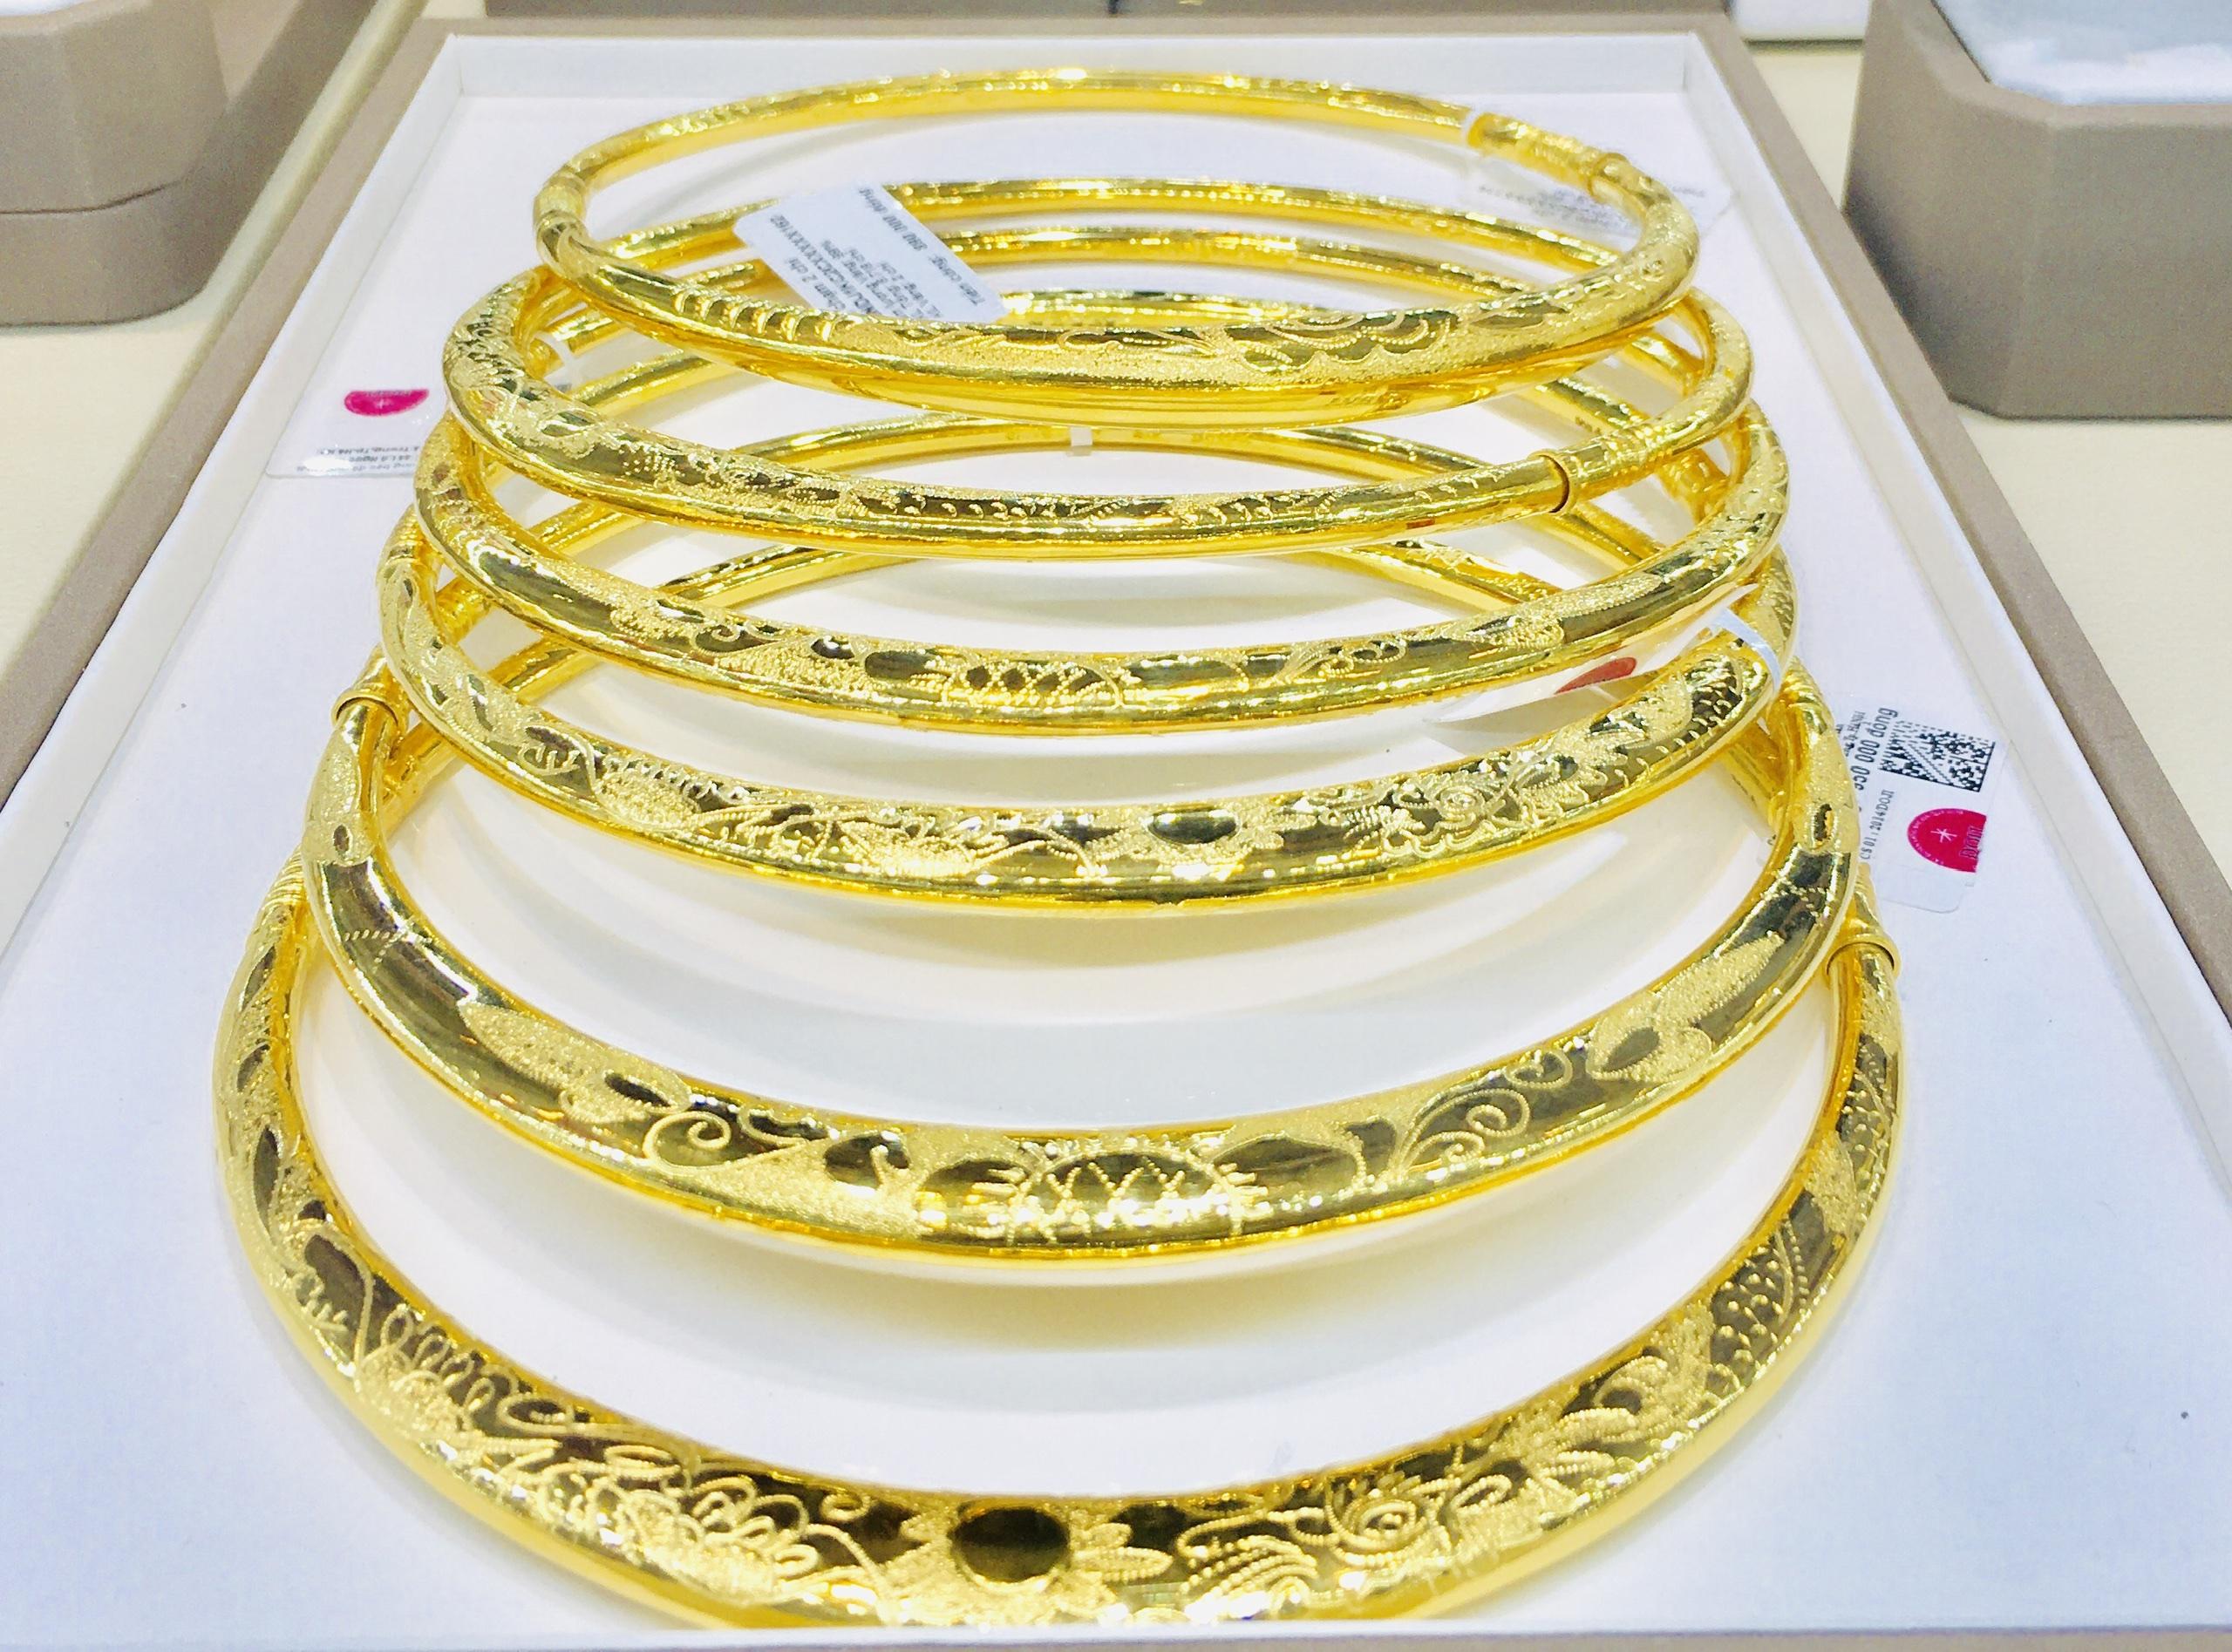 Giá vàng xuống vùng 56 triệu đồng, người mua lỗ hơn 7 triệu đồng/lượng sau 3 ngày giao dịch - Ảnh 1.